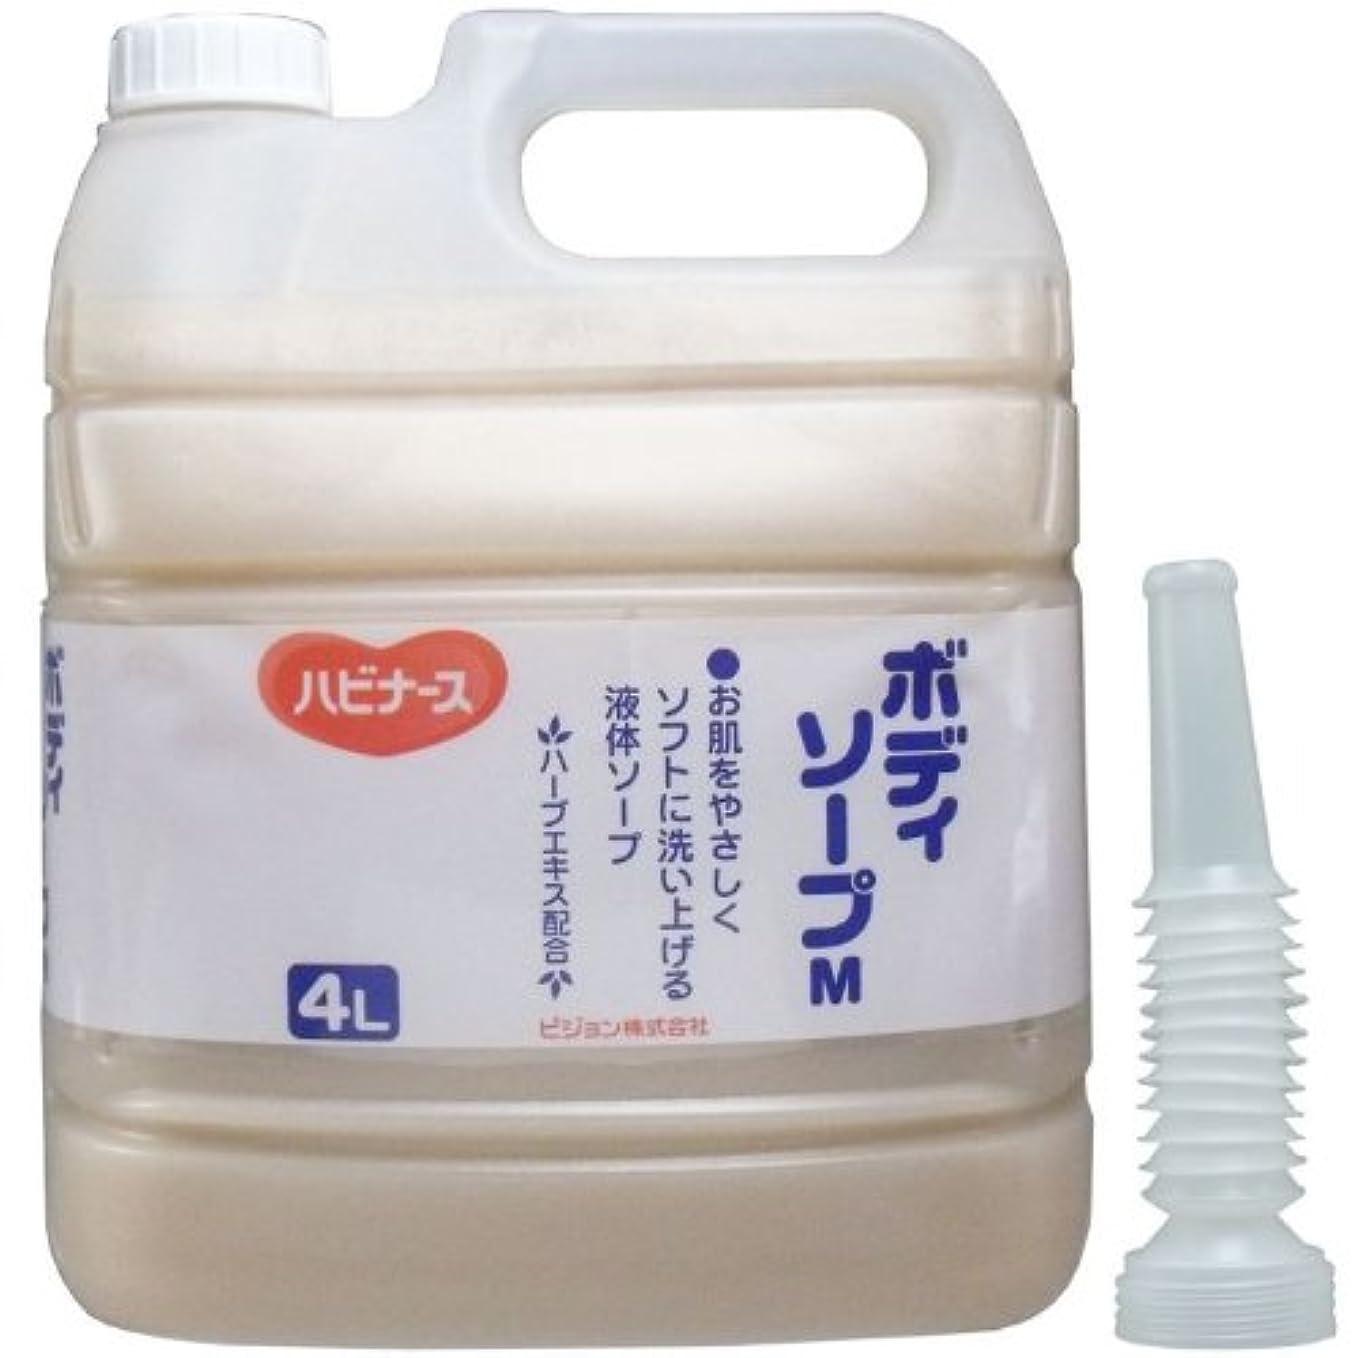 ミケランジェロふける固有の液体ソープ ボディソープ 風呂 石ケン お肌をやさしくソフトに洗い上げる!業務用 4L【5個セット】